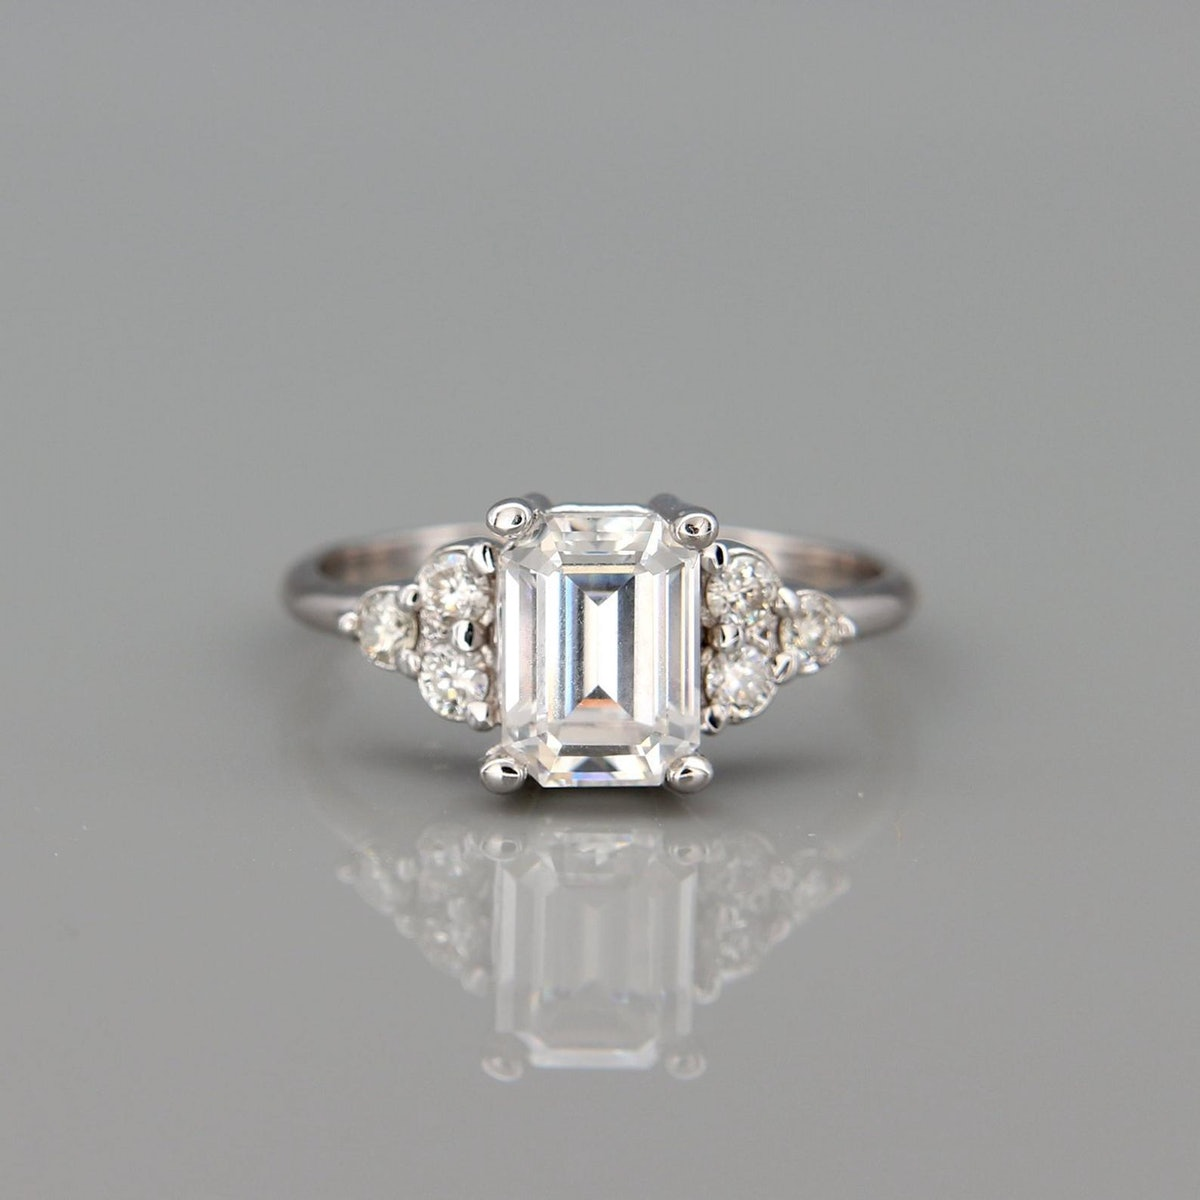 1ct White Gold Moissanite Engagement Ring